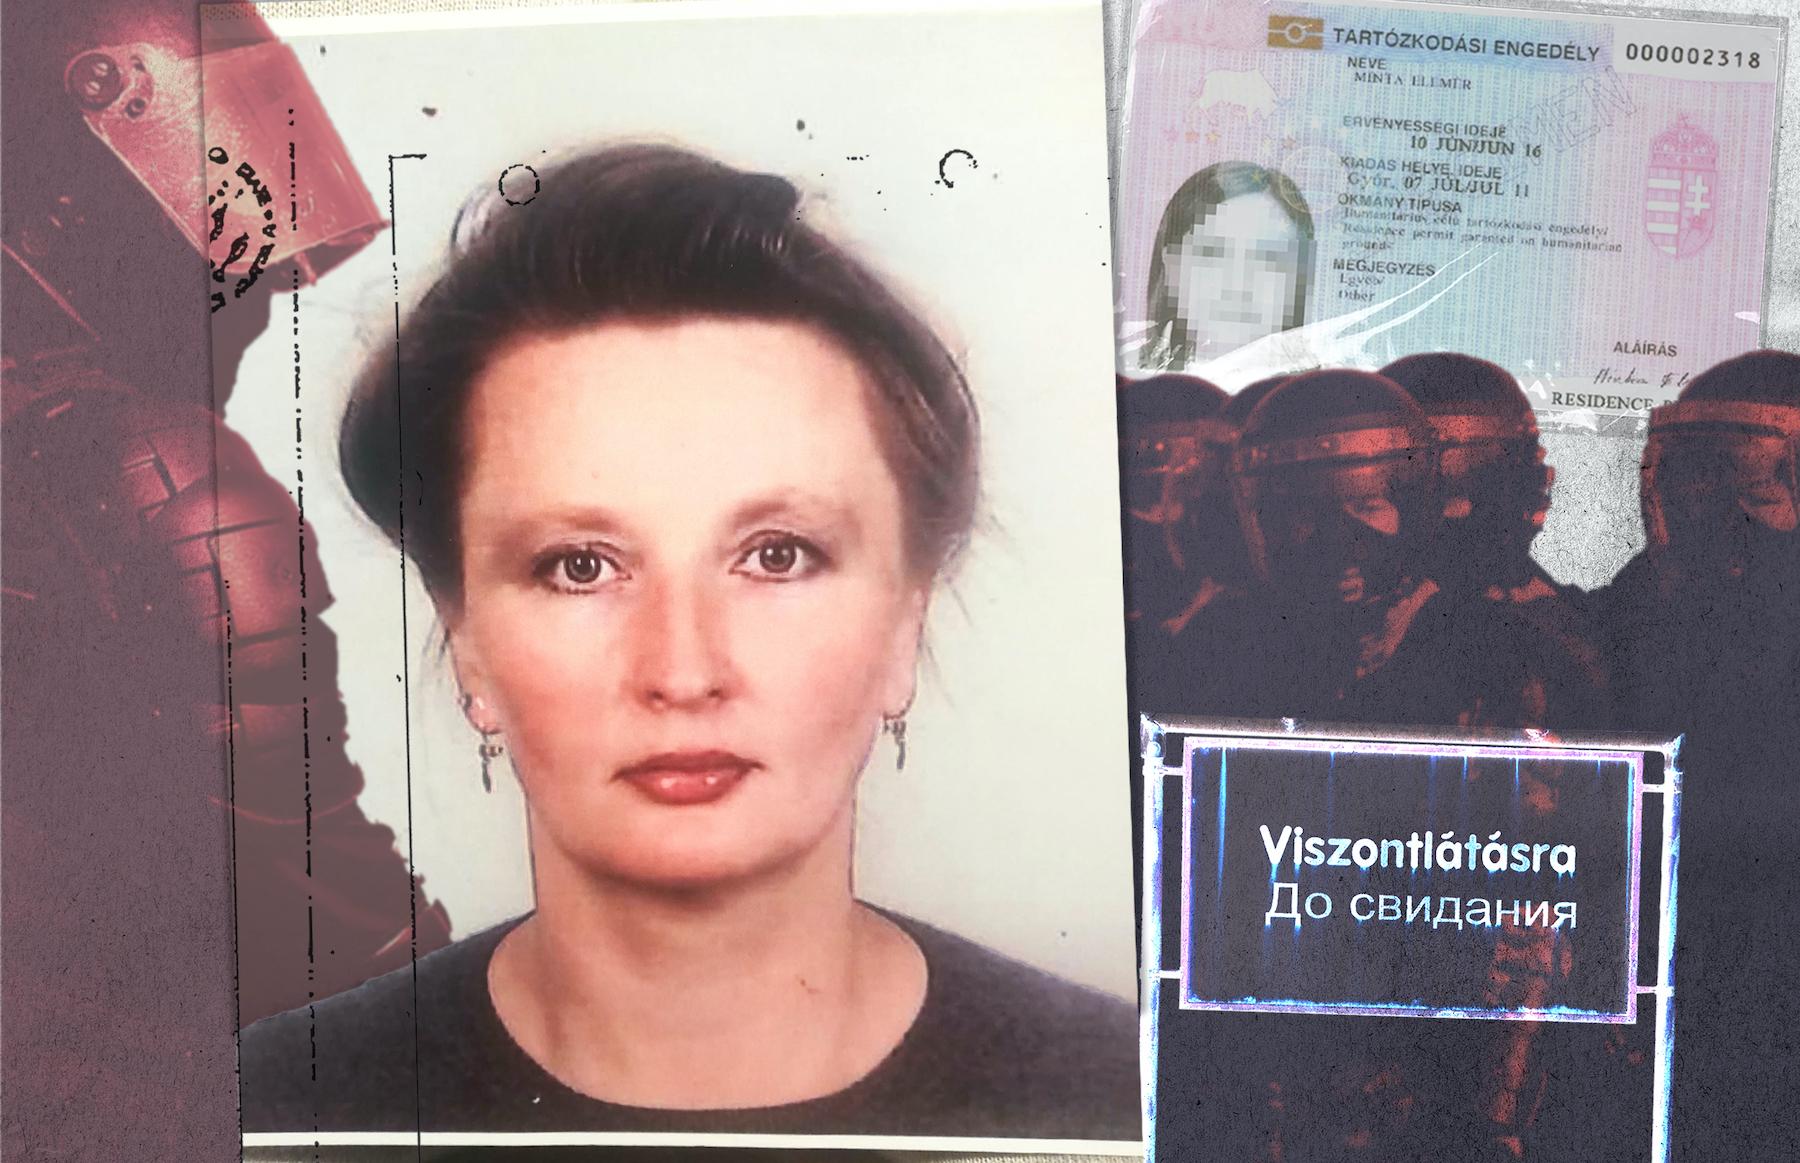 Fiatal anyaként menekült ide az orosz titkosszolgálatok elől, hatvanévesen egyszer csak veszélyes lett a nemzetbiztonságra